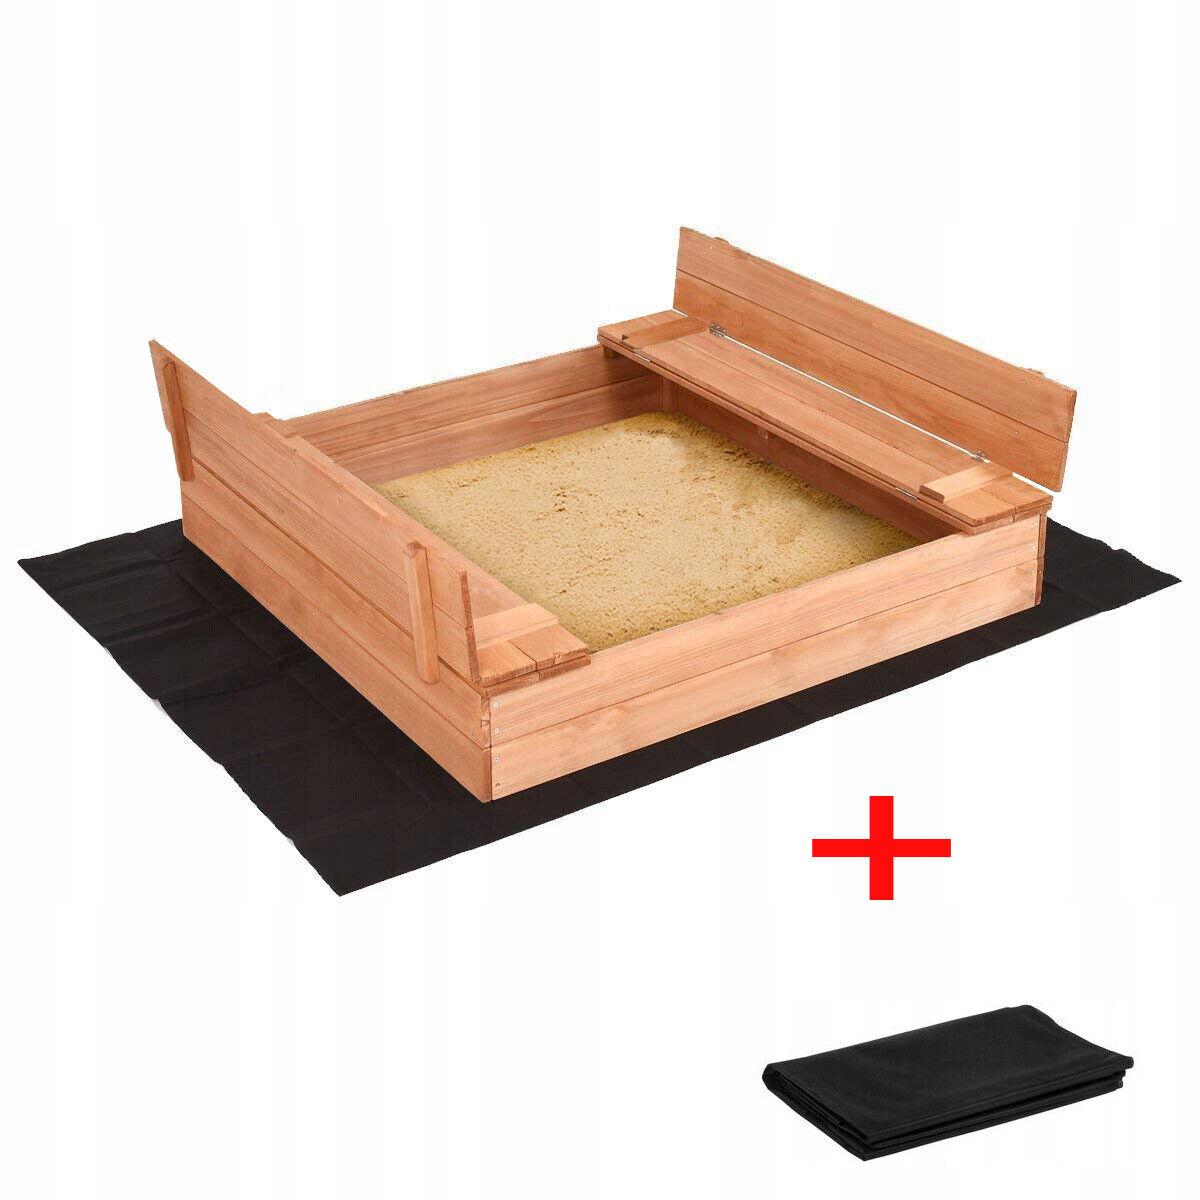 Sandkasten Sandbox mit Deckel SITZBÄNKEN Sandkiste Holz 120x120 cm